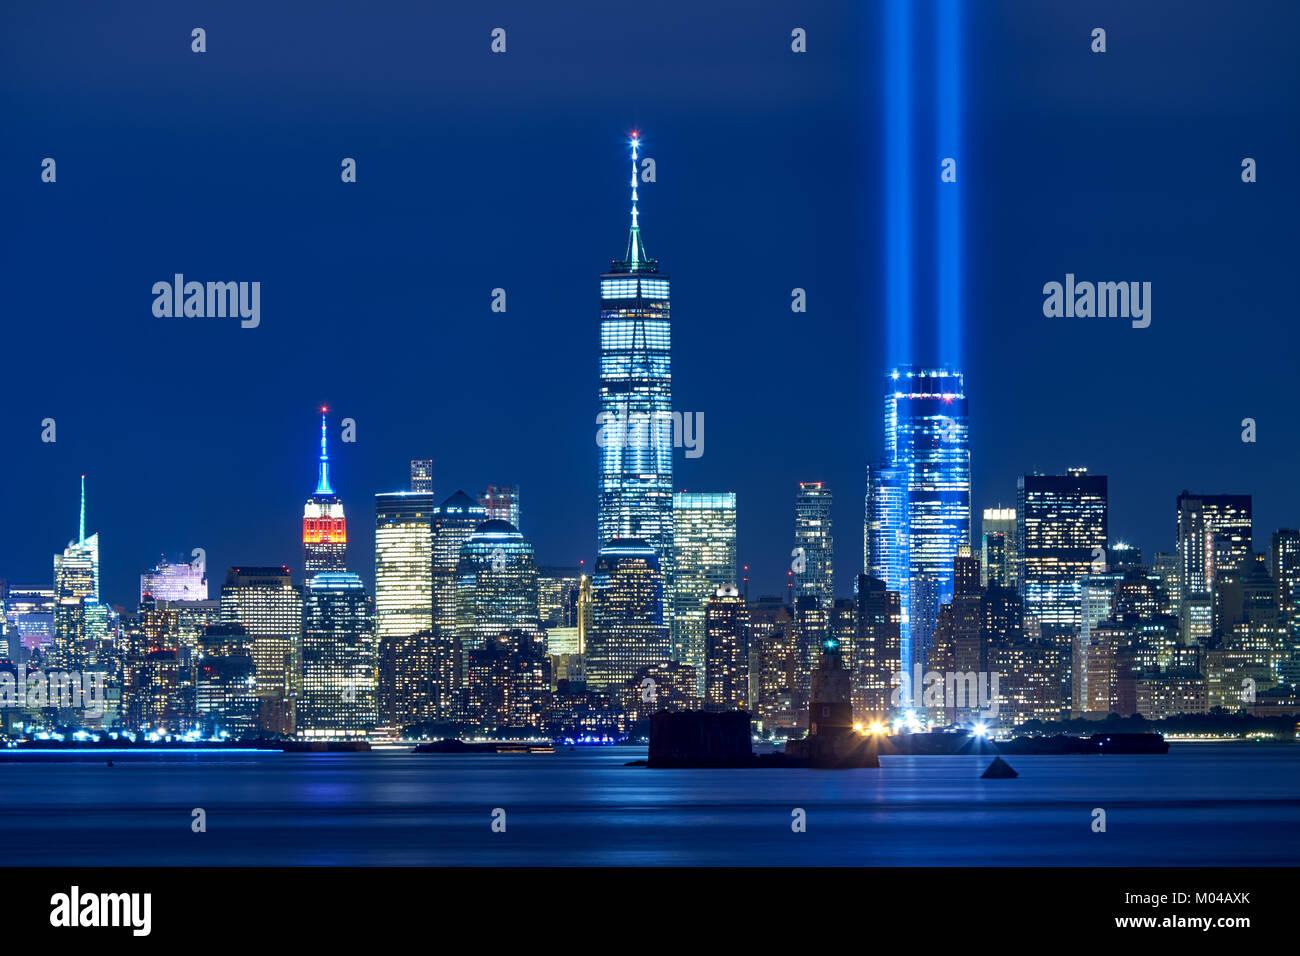 Les deux rayons de l'hommage rendu à la lumière avec des gratte-ciels du quartier financier de nuit. Photo Stock